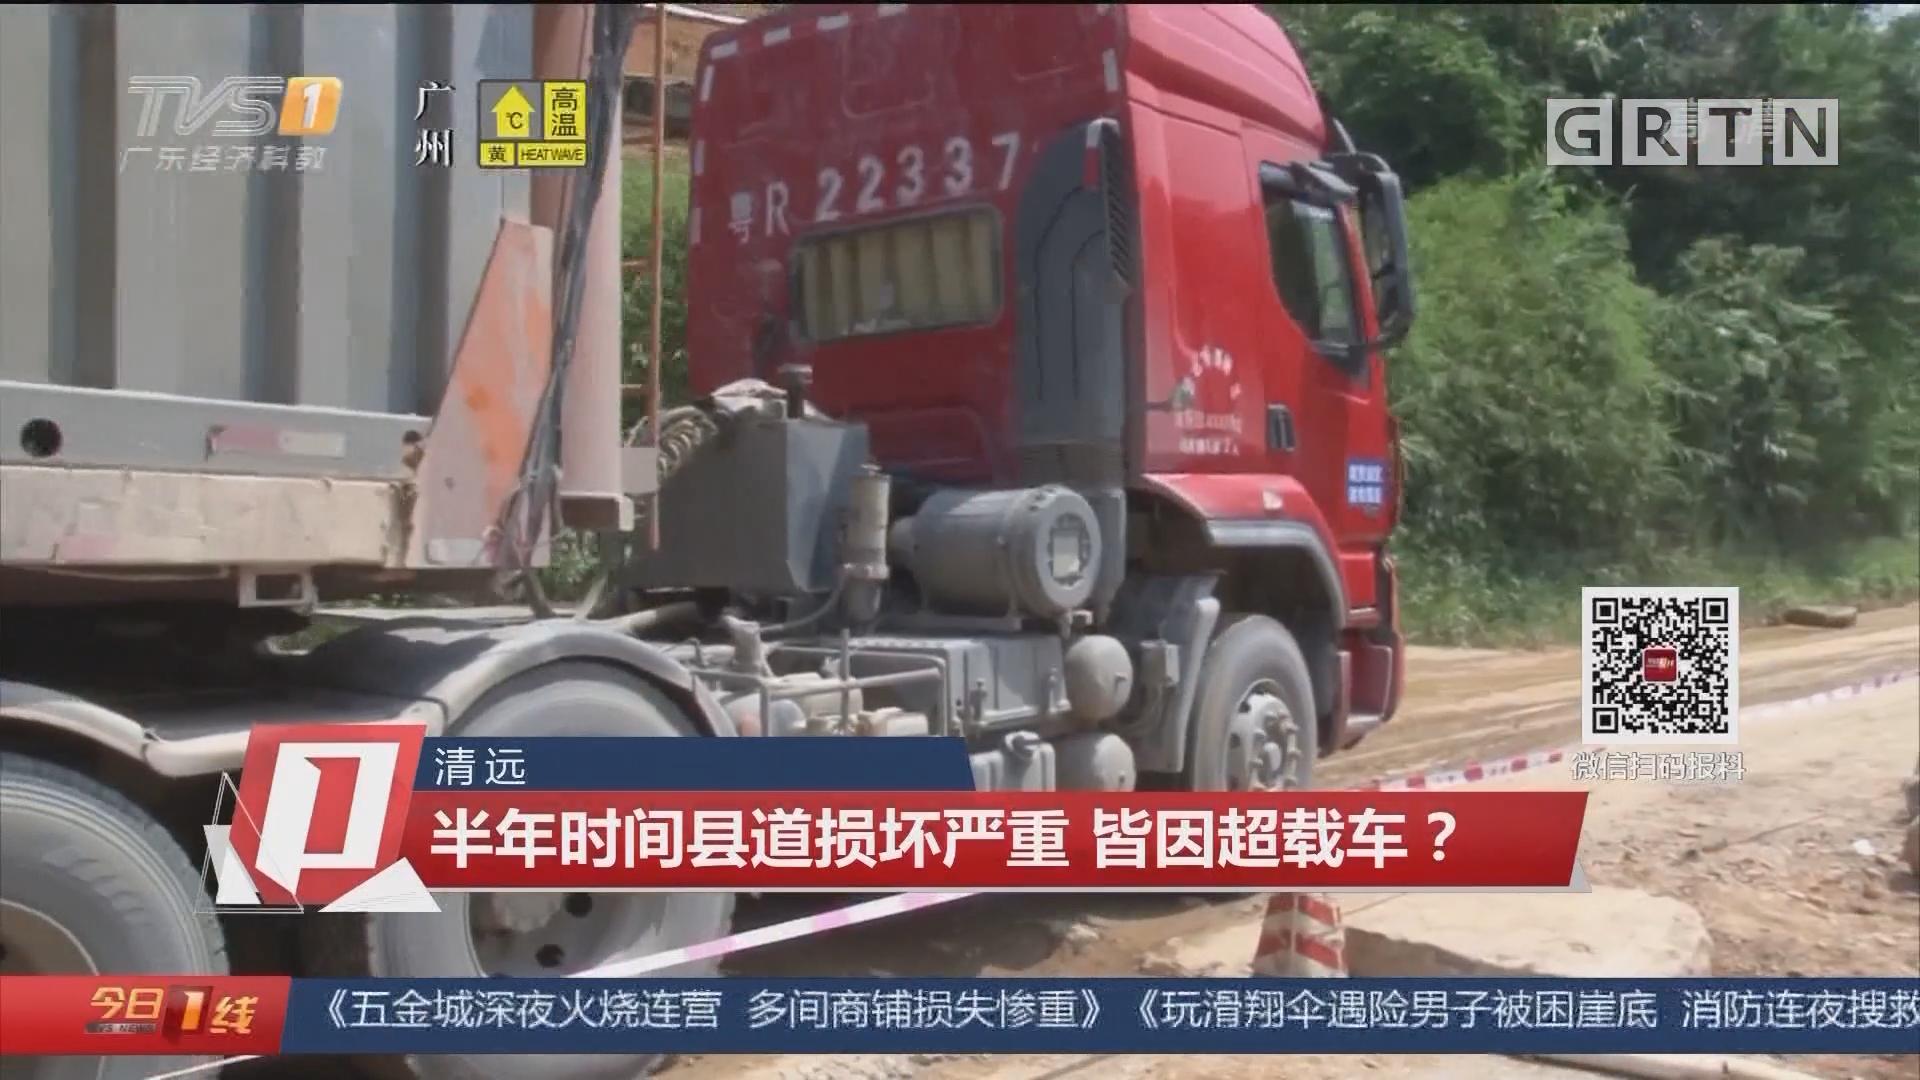 清远:半年时间县道损坏严重 皆因超载车?